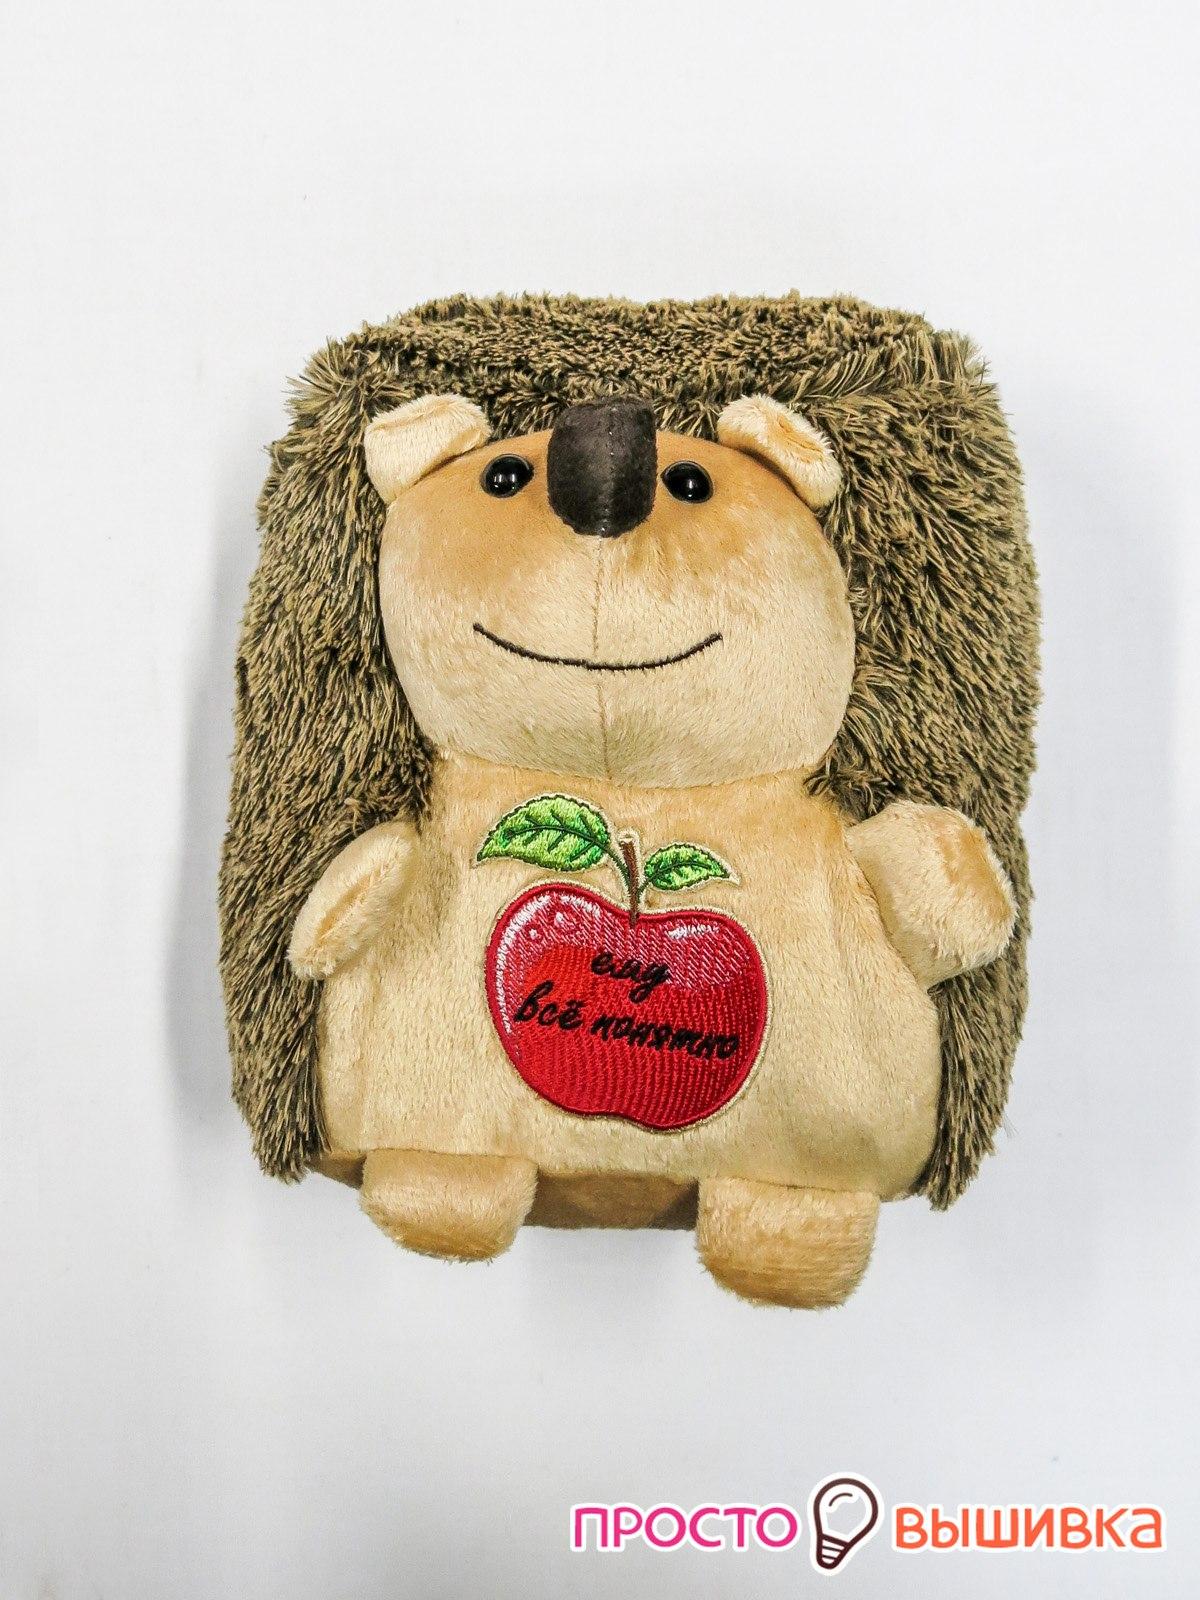 Вышивка яблока на ежике